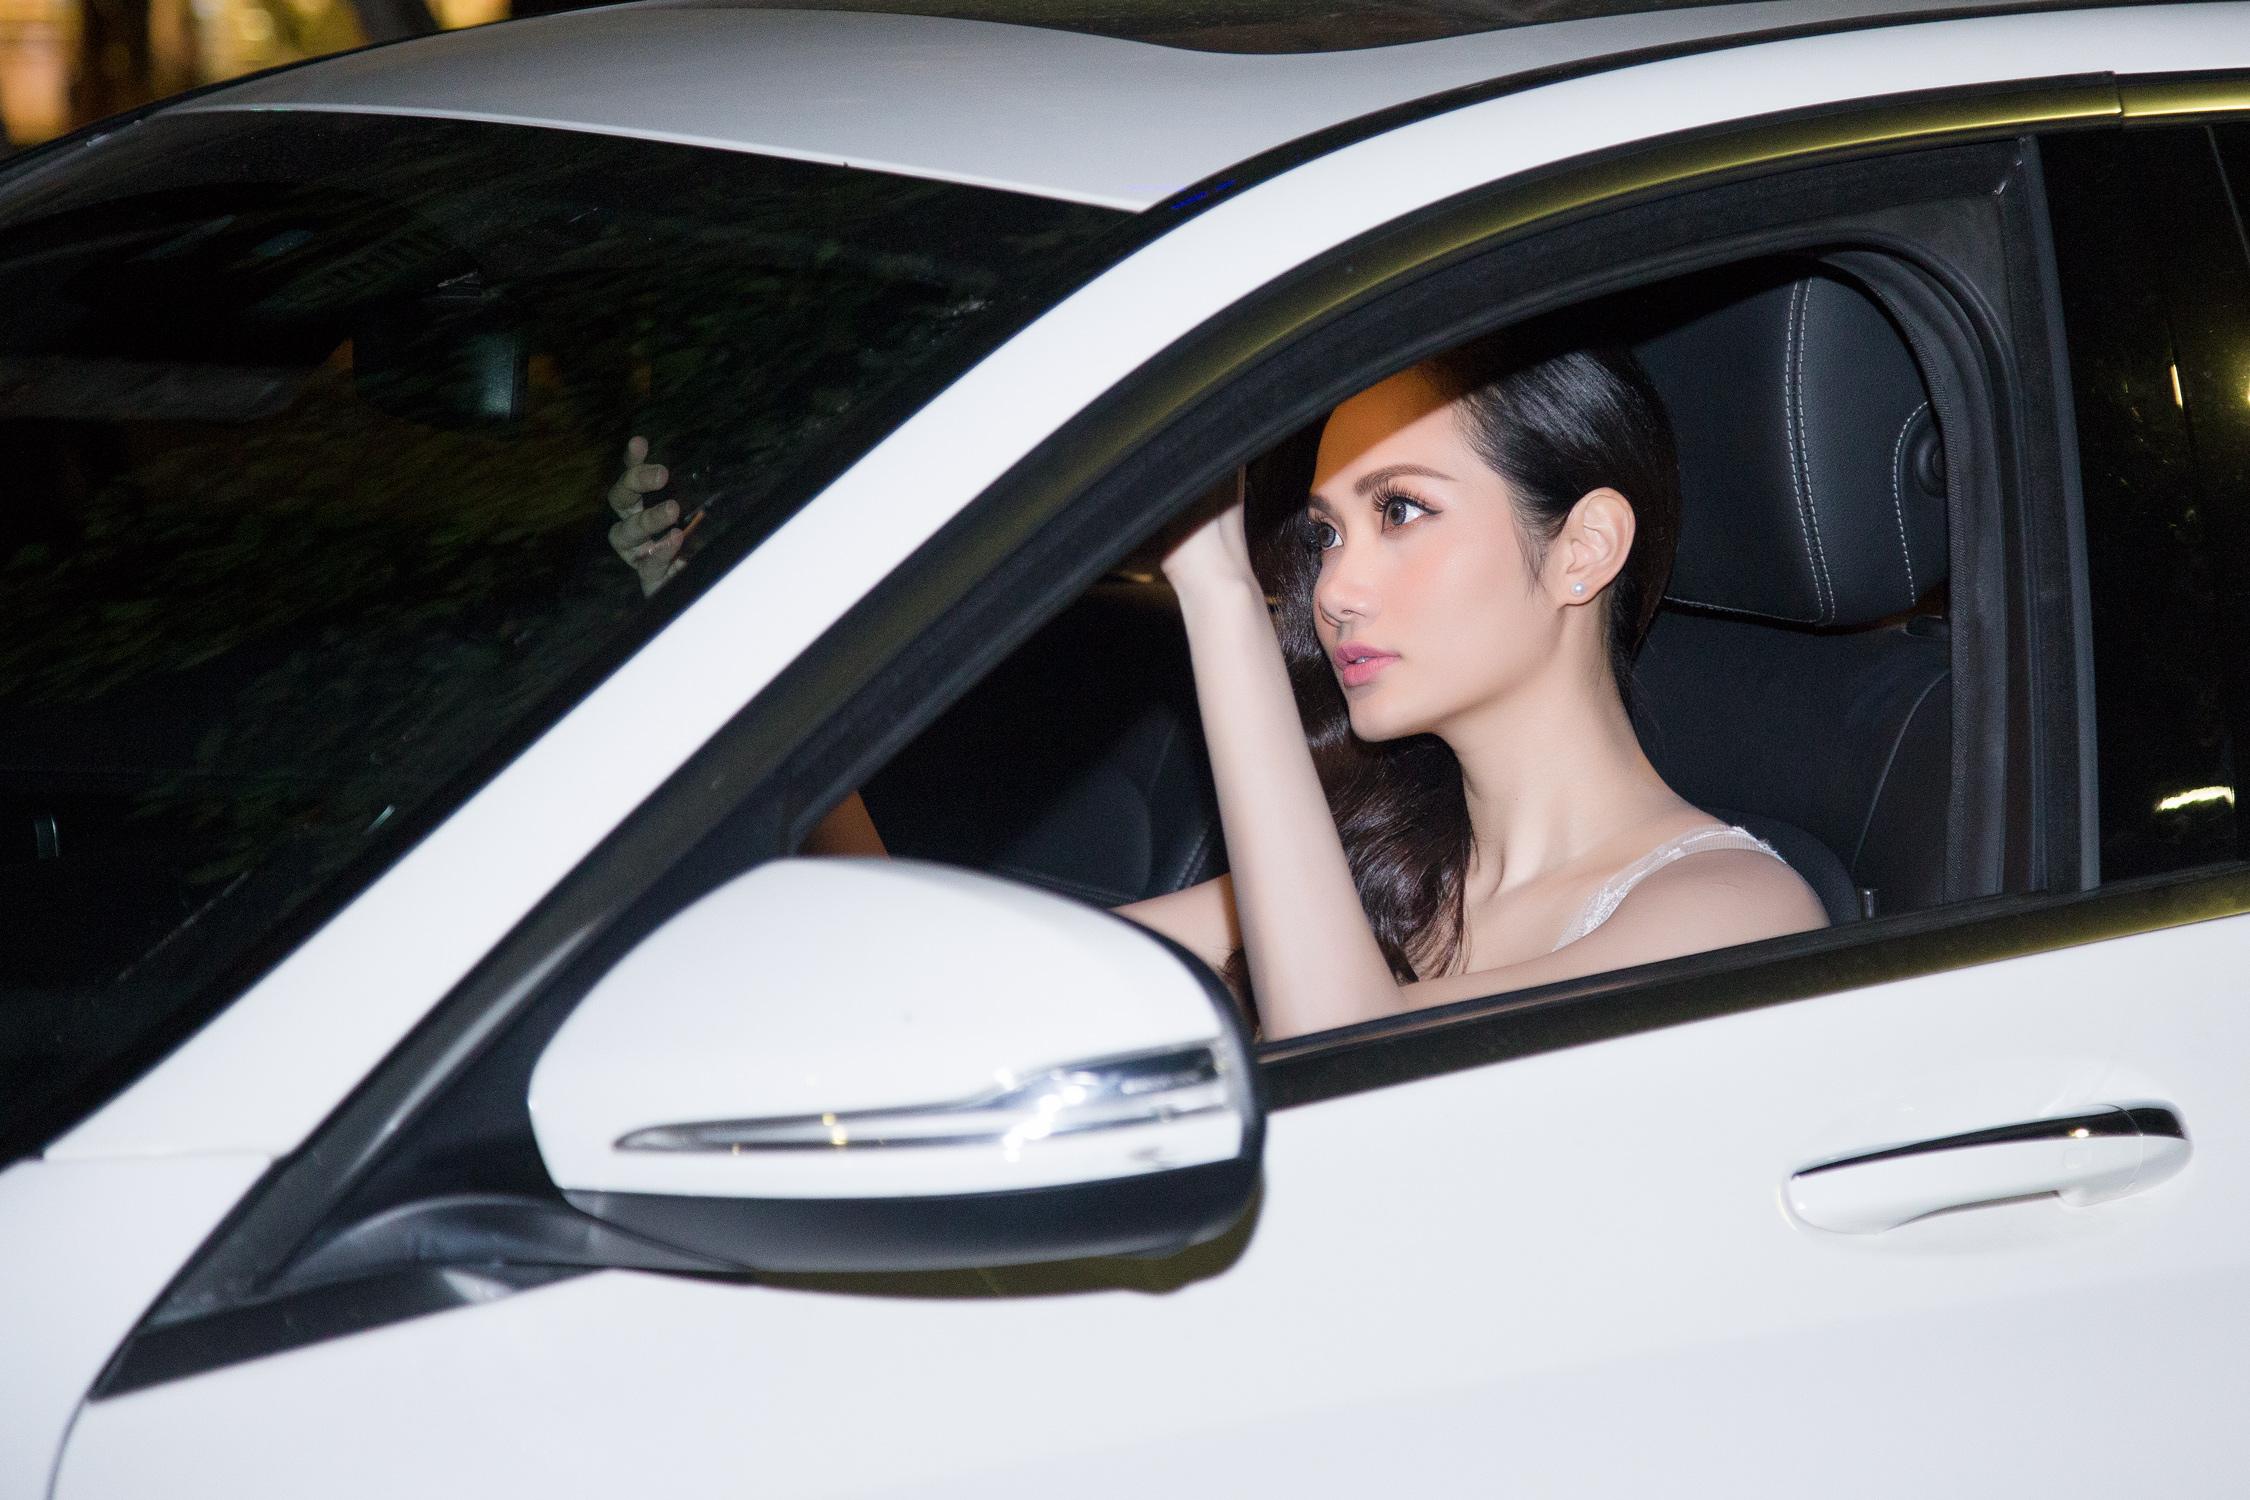 Hoa hậu Đông Nam Á Diệu Linh tự lái xe tiền tỷ đi sự kiện 1